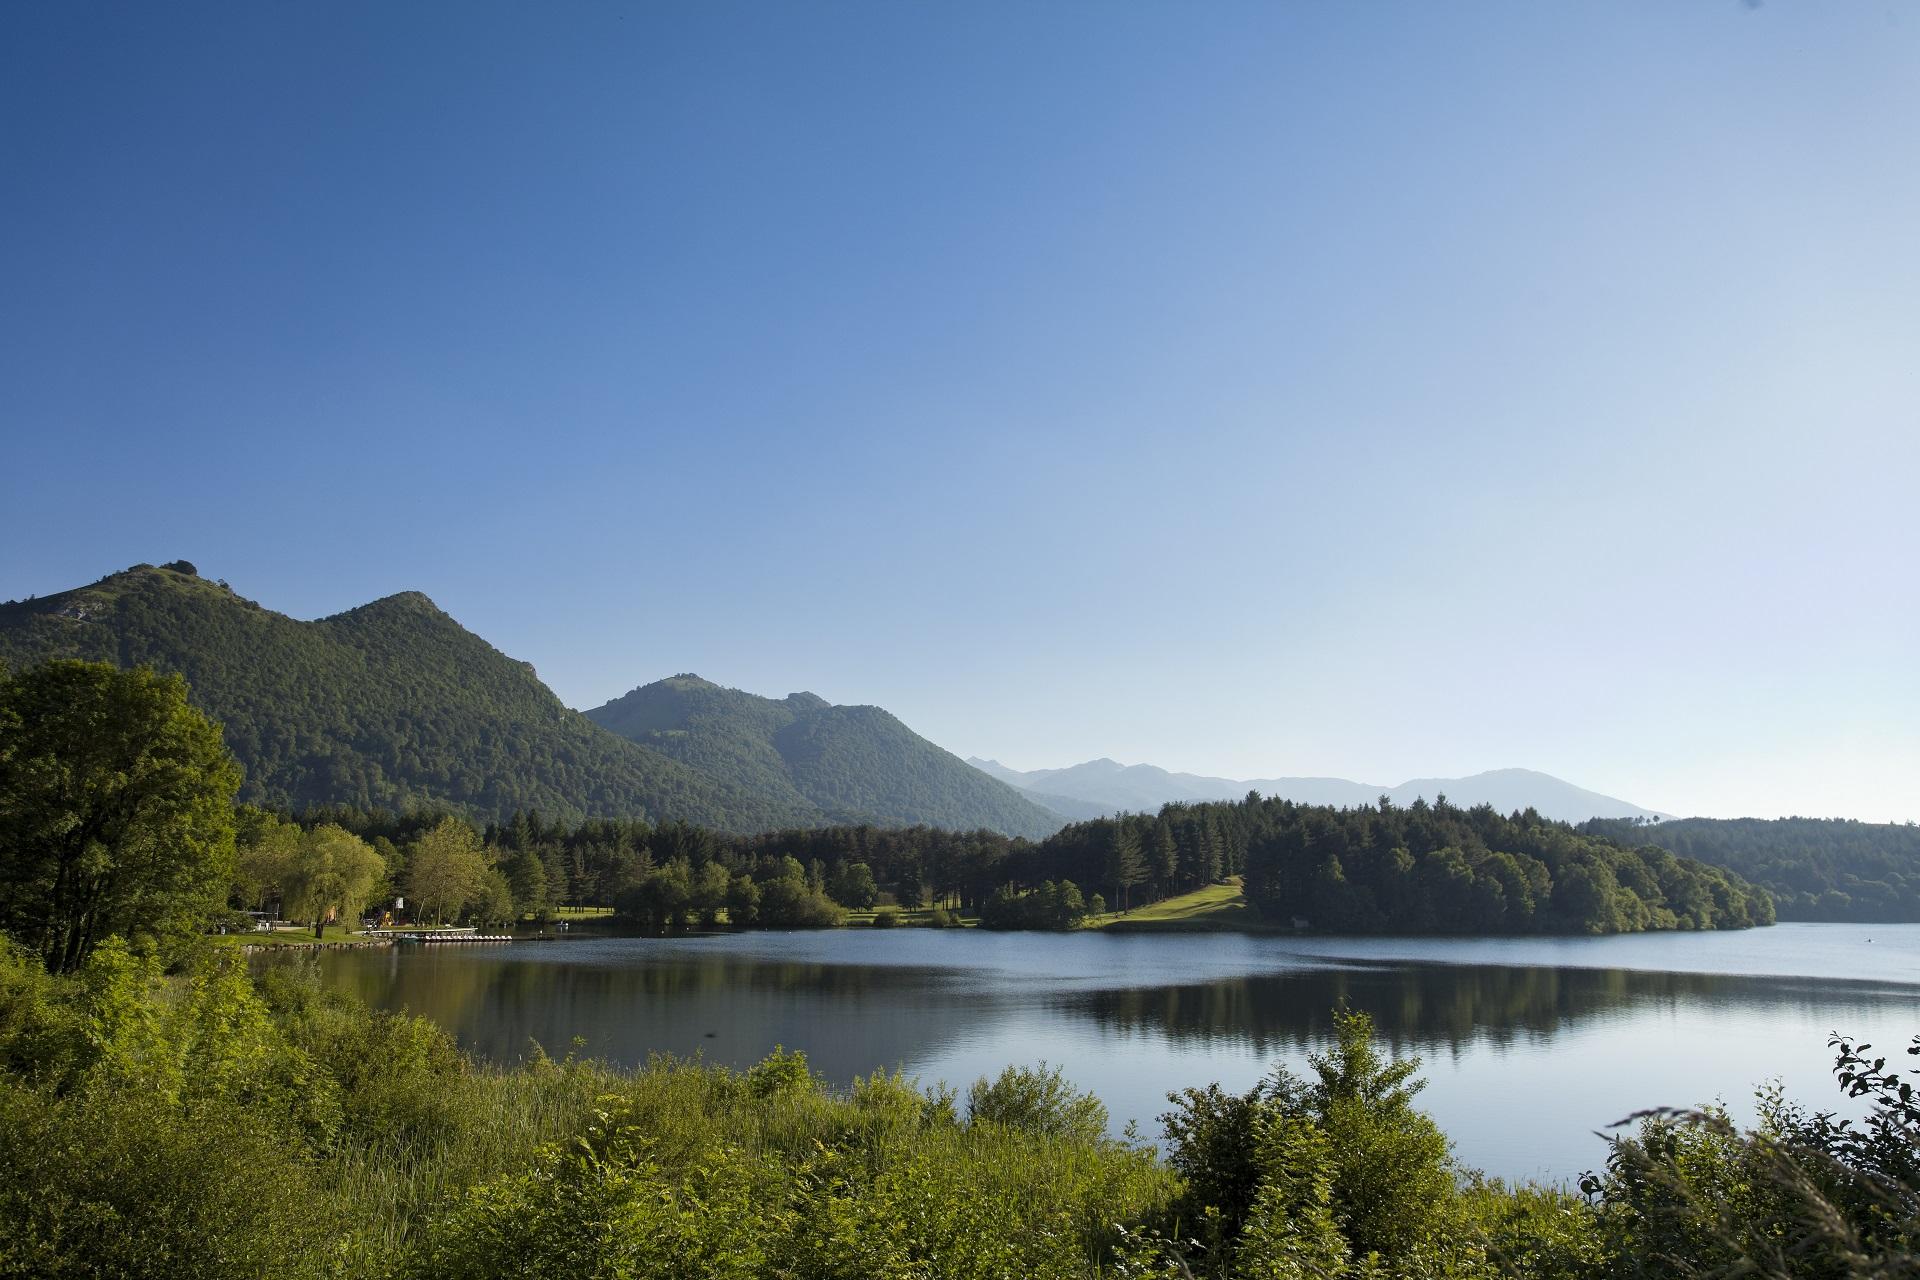 Le lac de Lourdes situé à quelques minutes seulement de votre location.